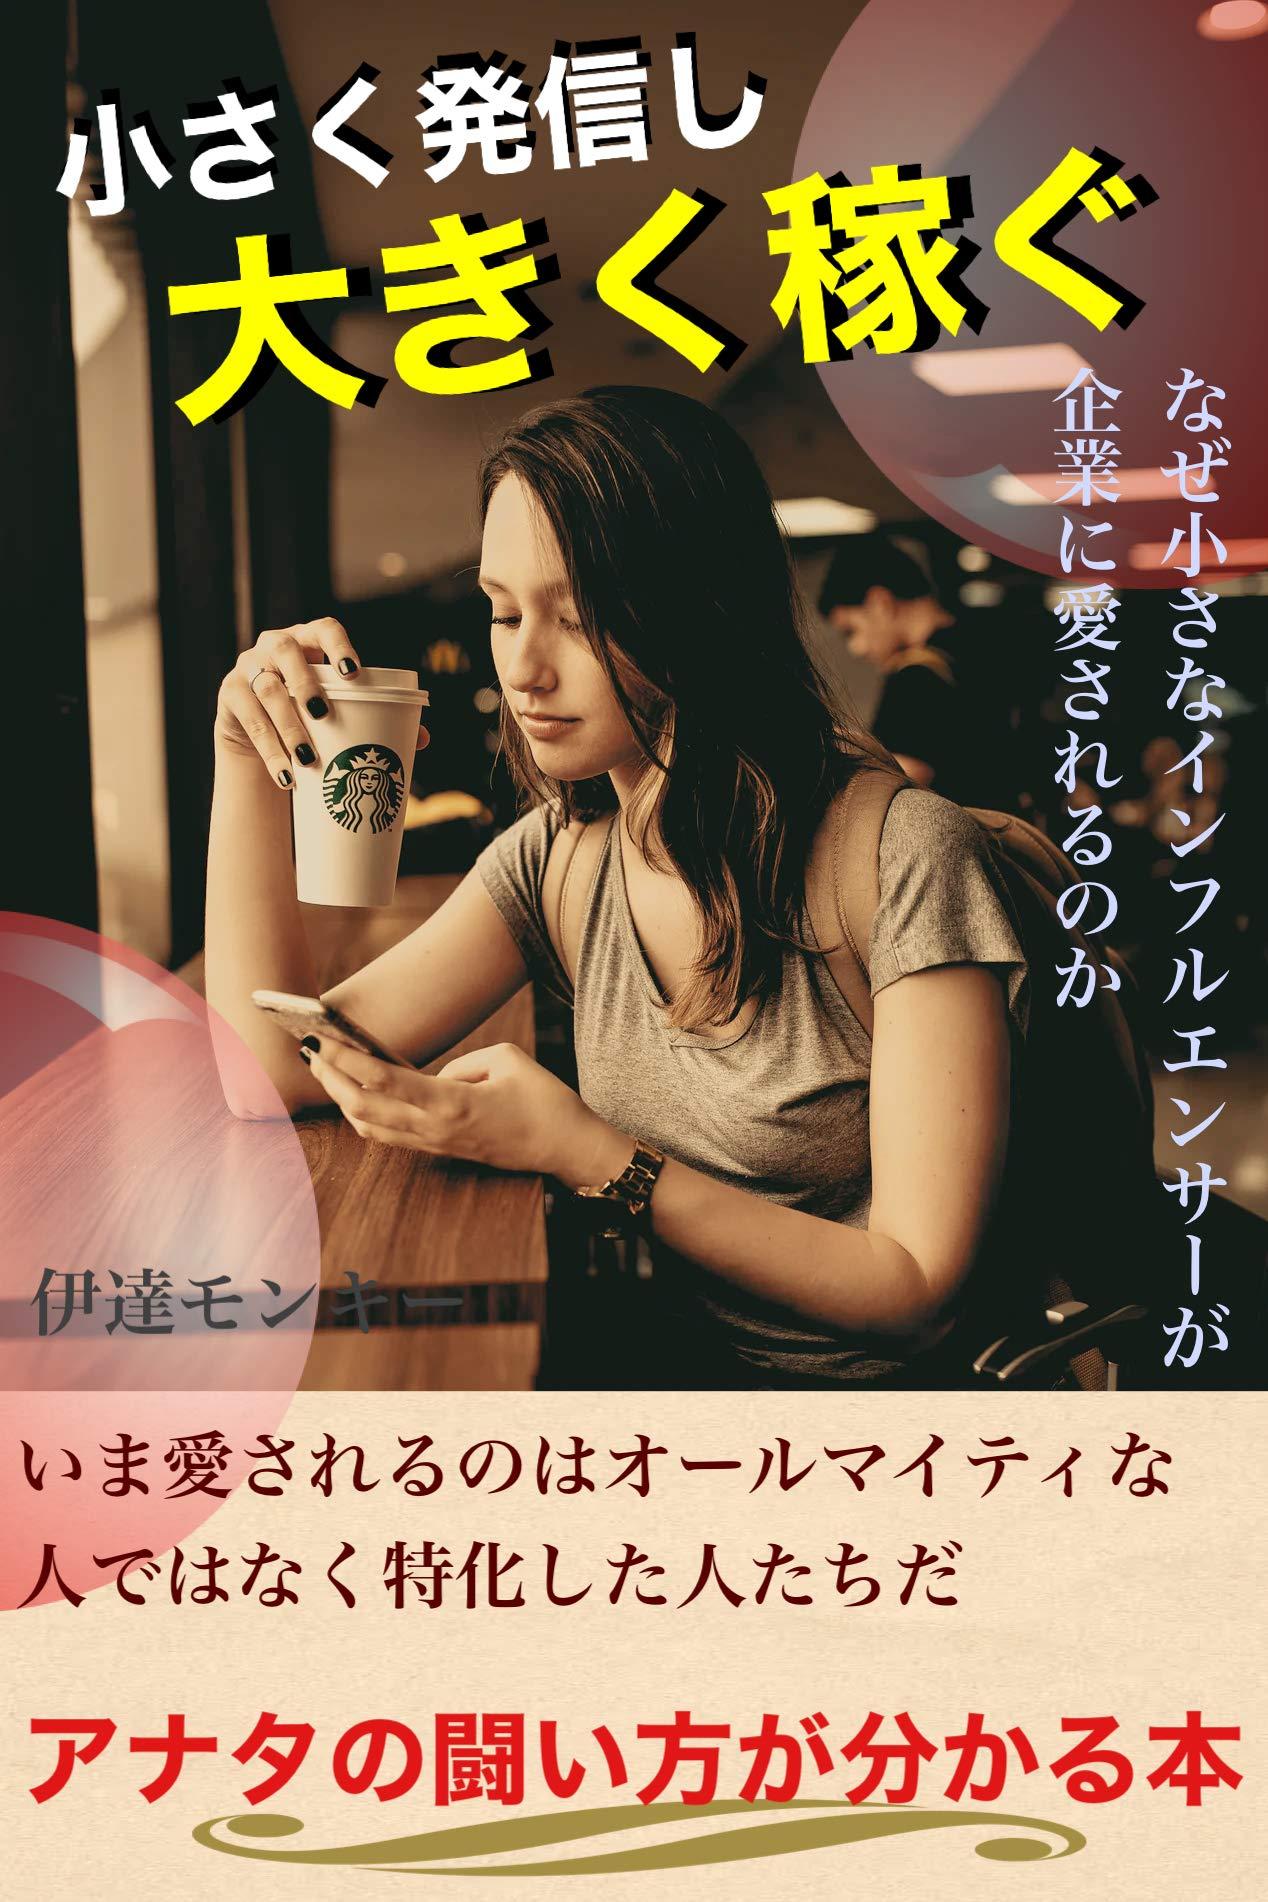 tiisakuhassinshiookikukaseguhouhou: nicchiinfuruensa (Japanese Edition)